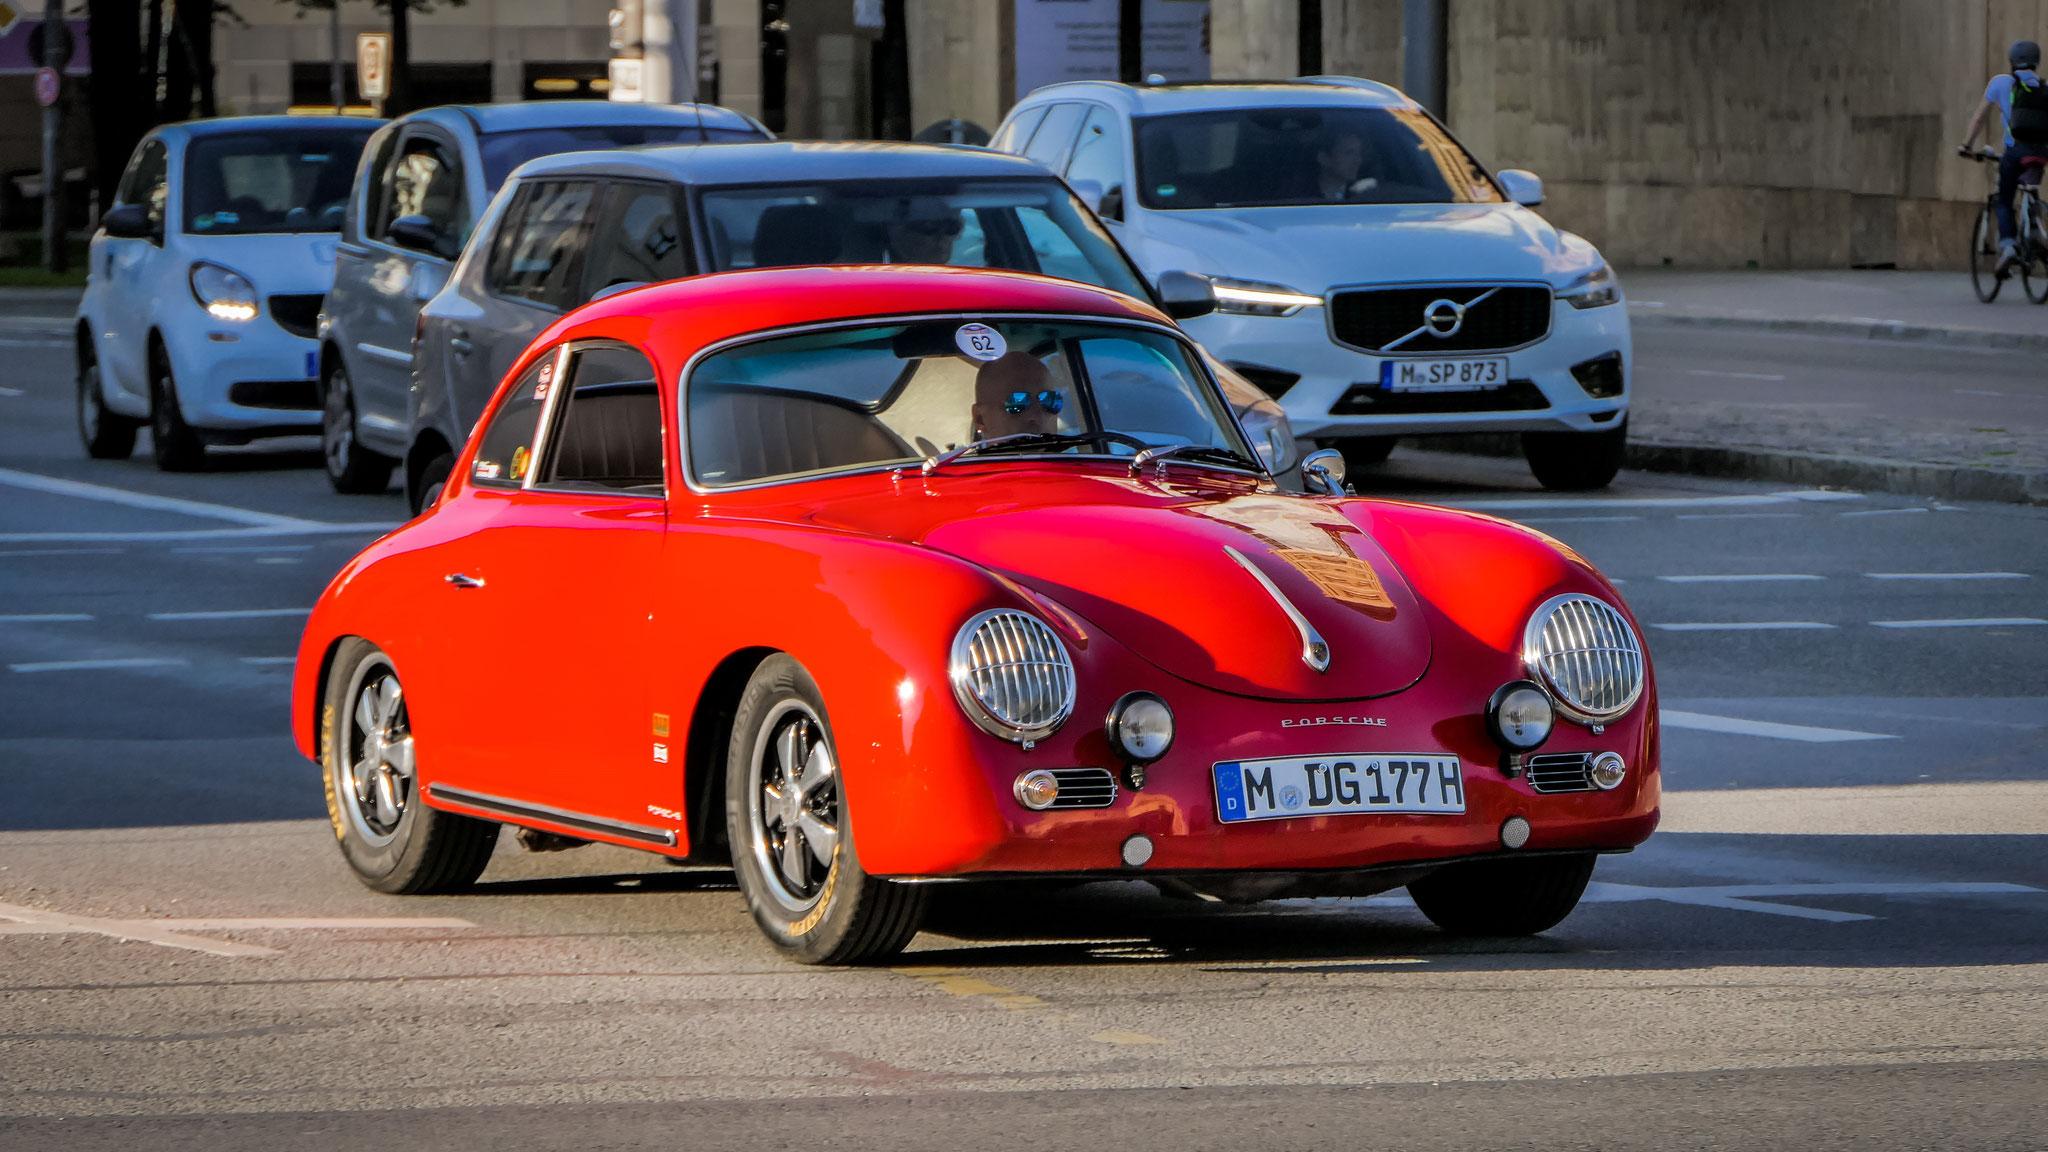 Porsche 356 1600 - M-DG-177H